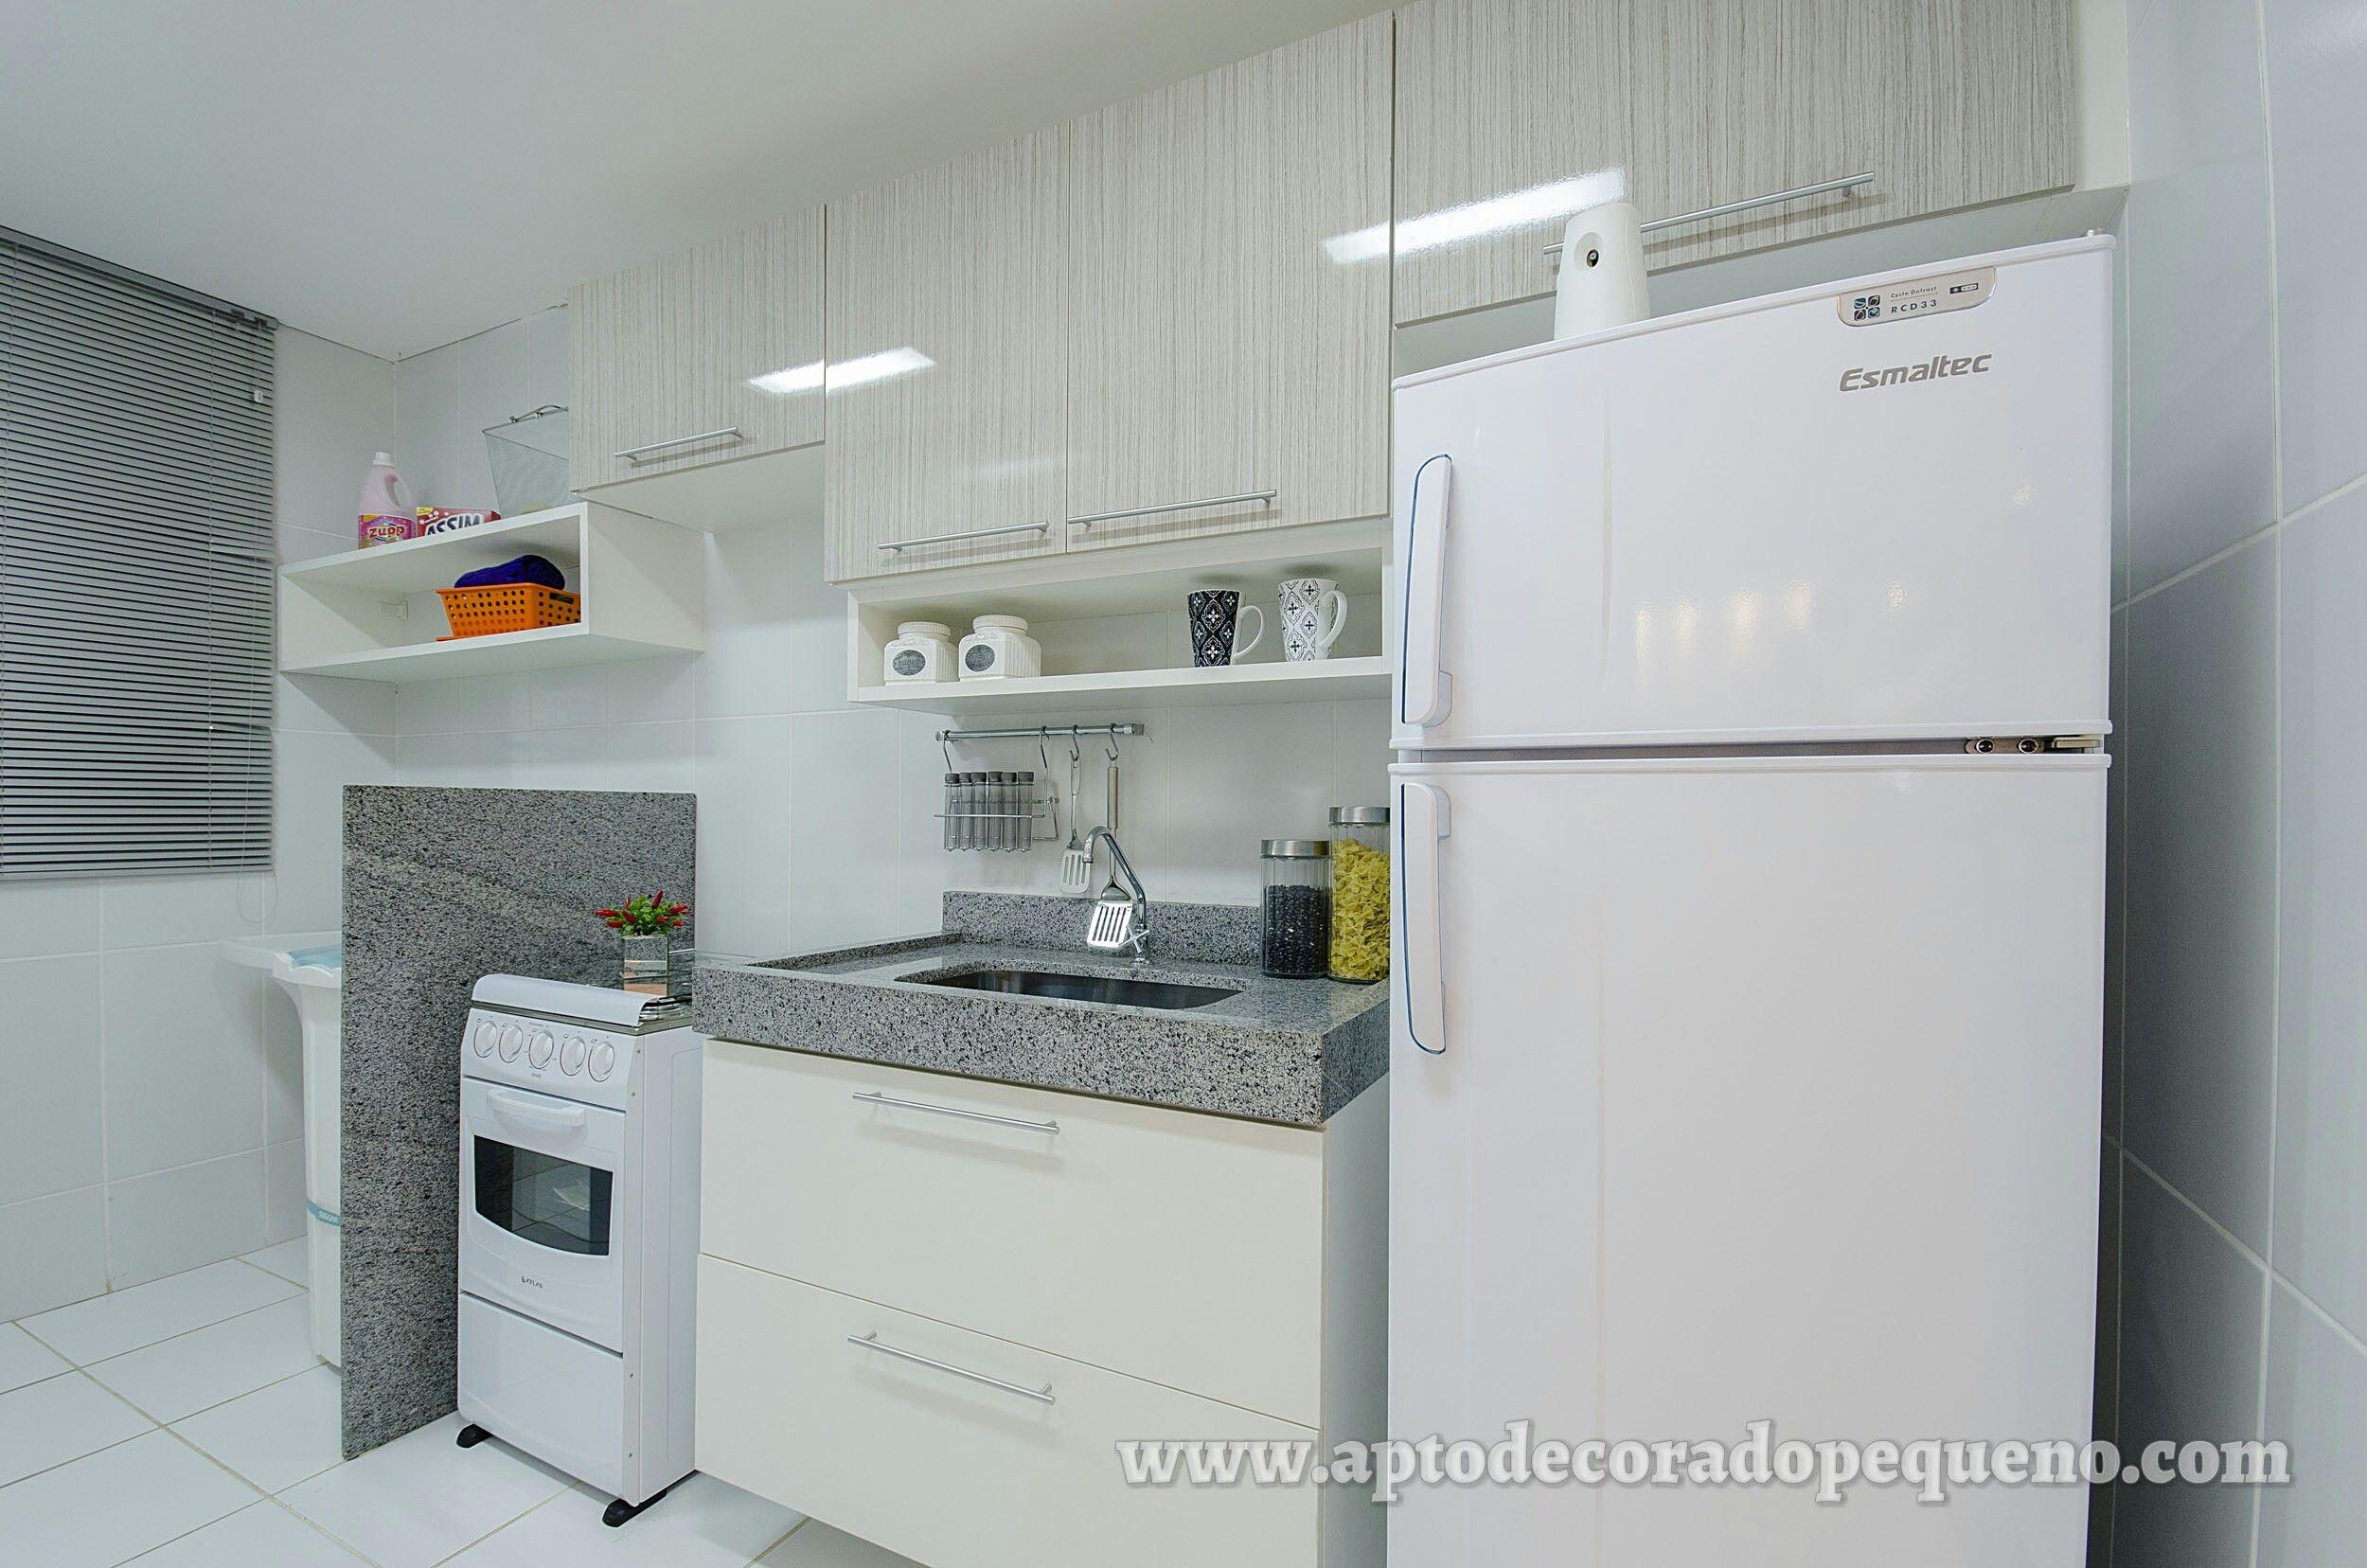 Cozinha Apartamento Pequeno Planejado Mrv Vamos Decorar Pinterest